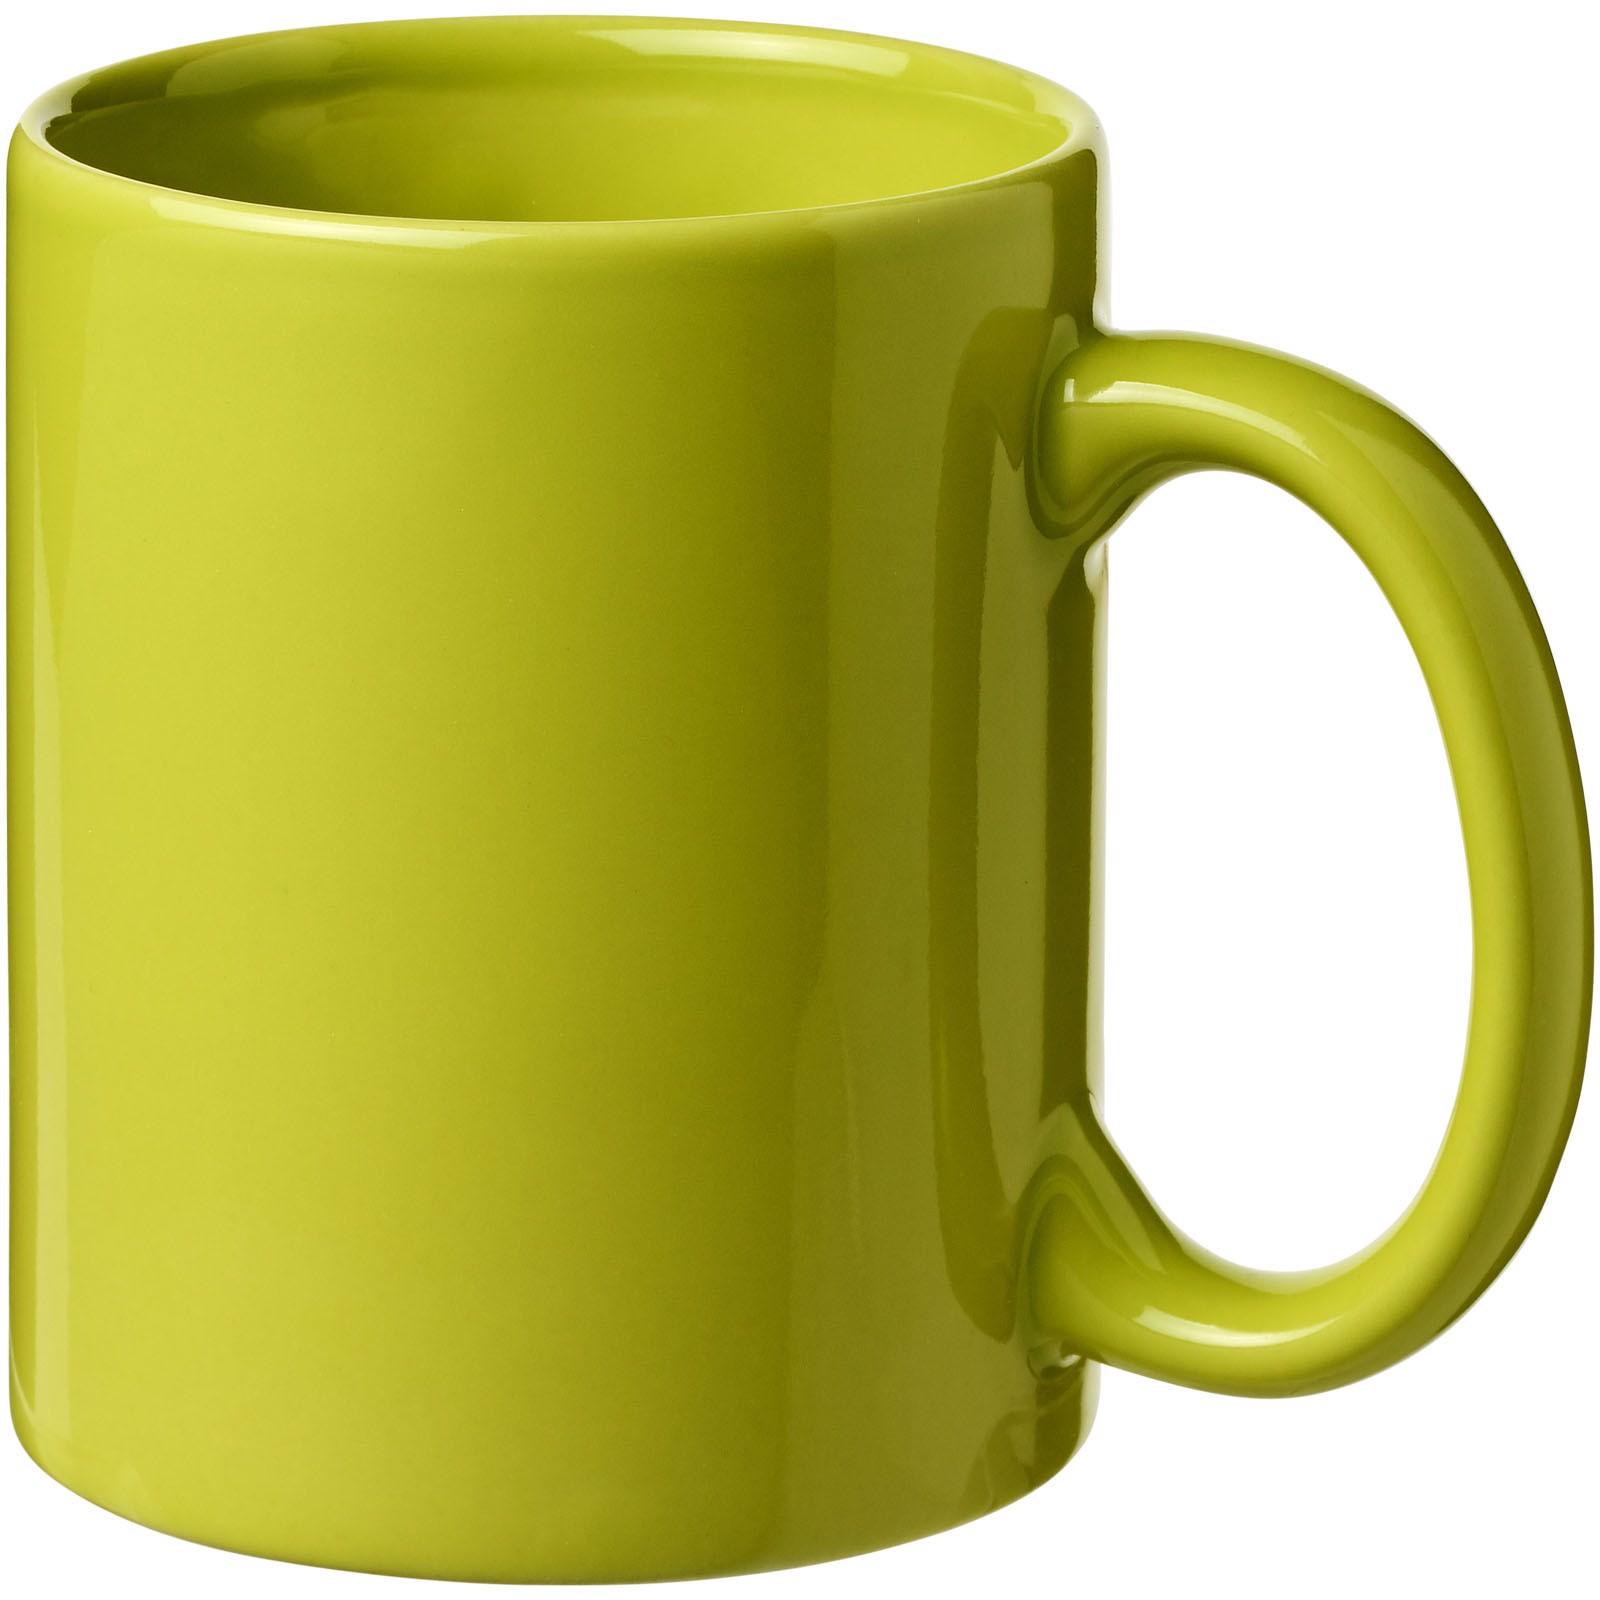 Santos 330 ml ceramic mug - Lime